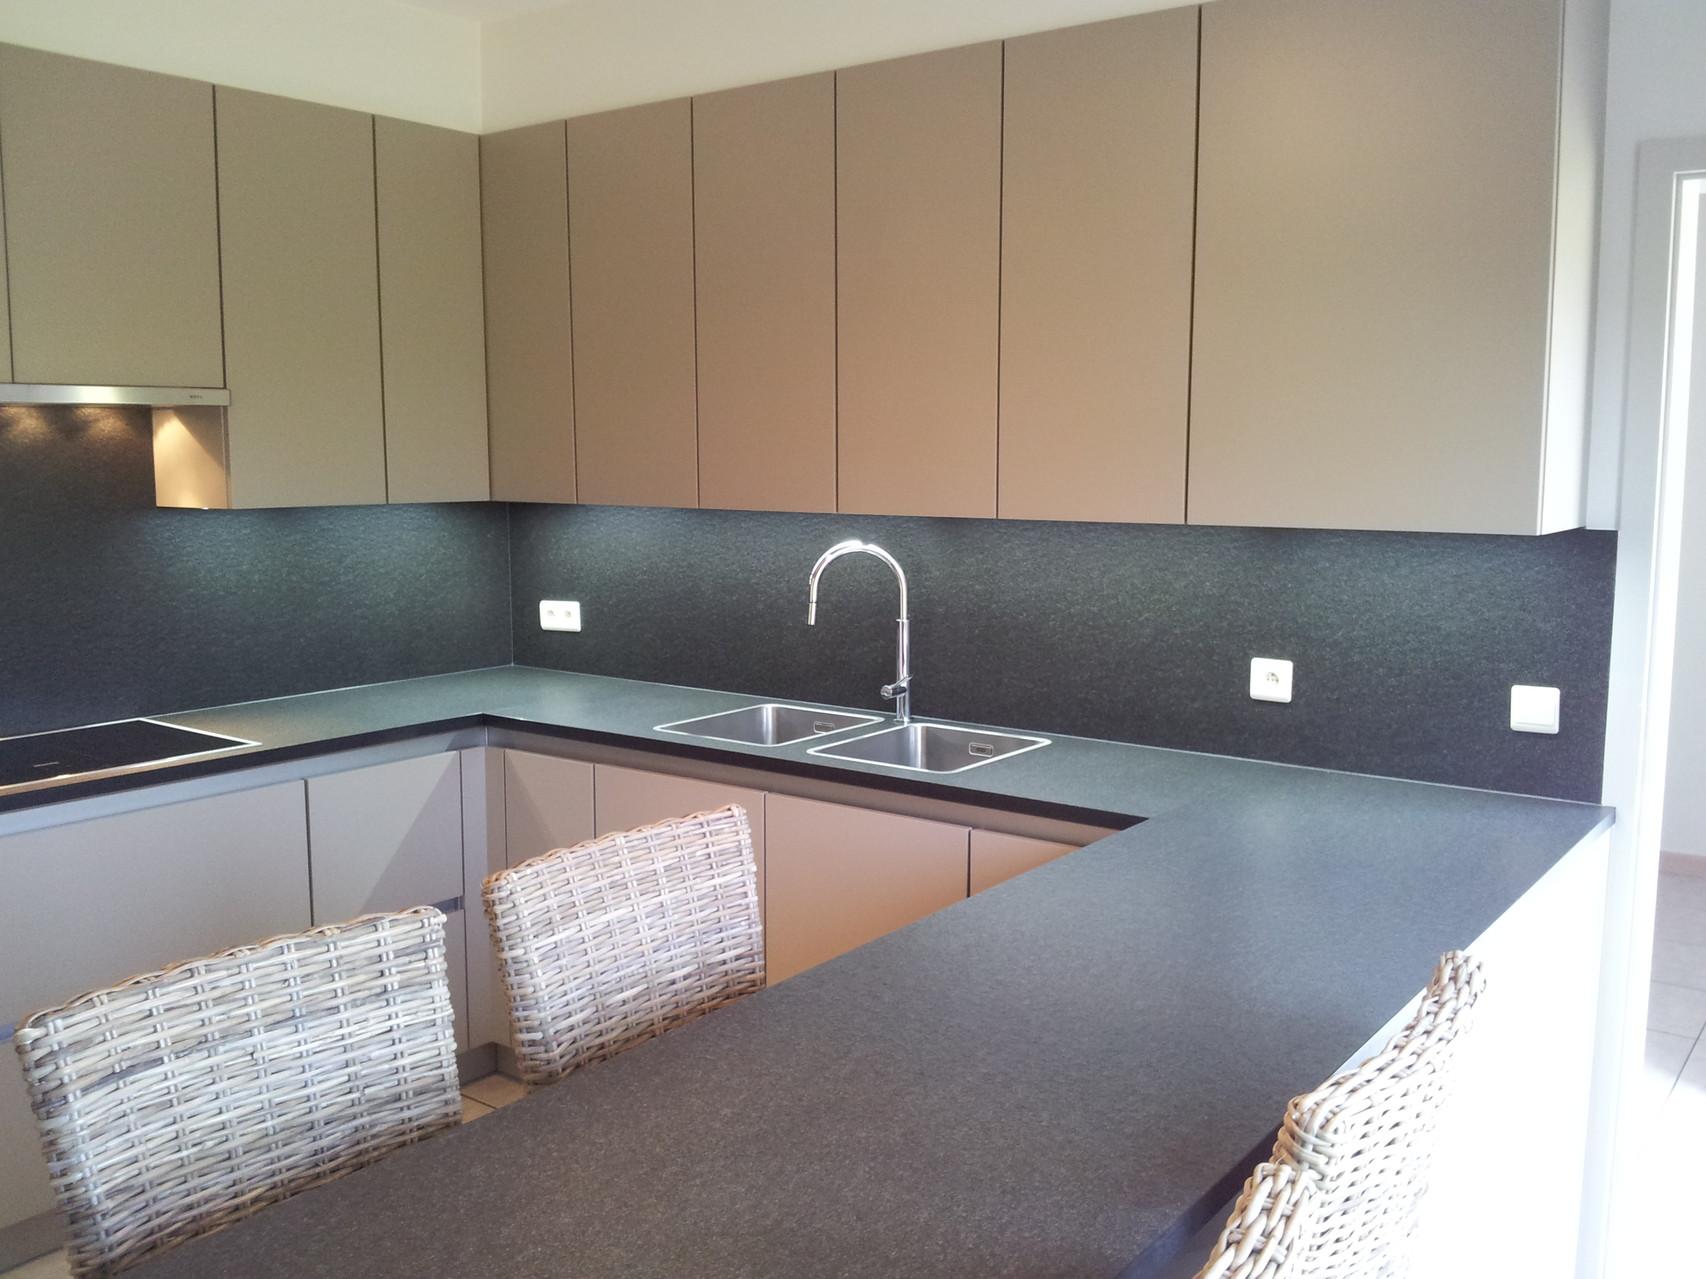 keuken met fronten in poederlak, werkblad zimbabwe black anticato en miele inbouwtoestellen